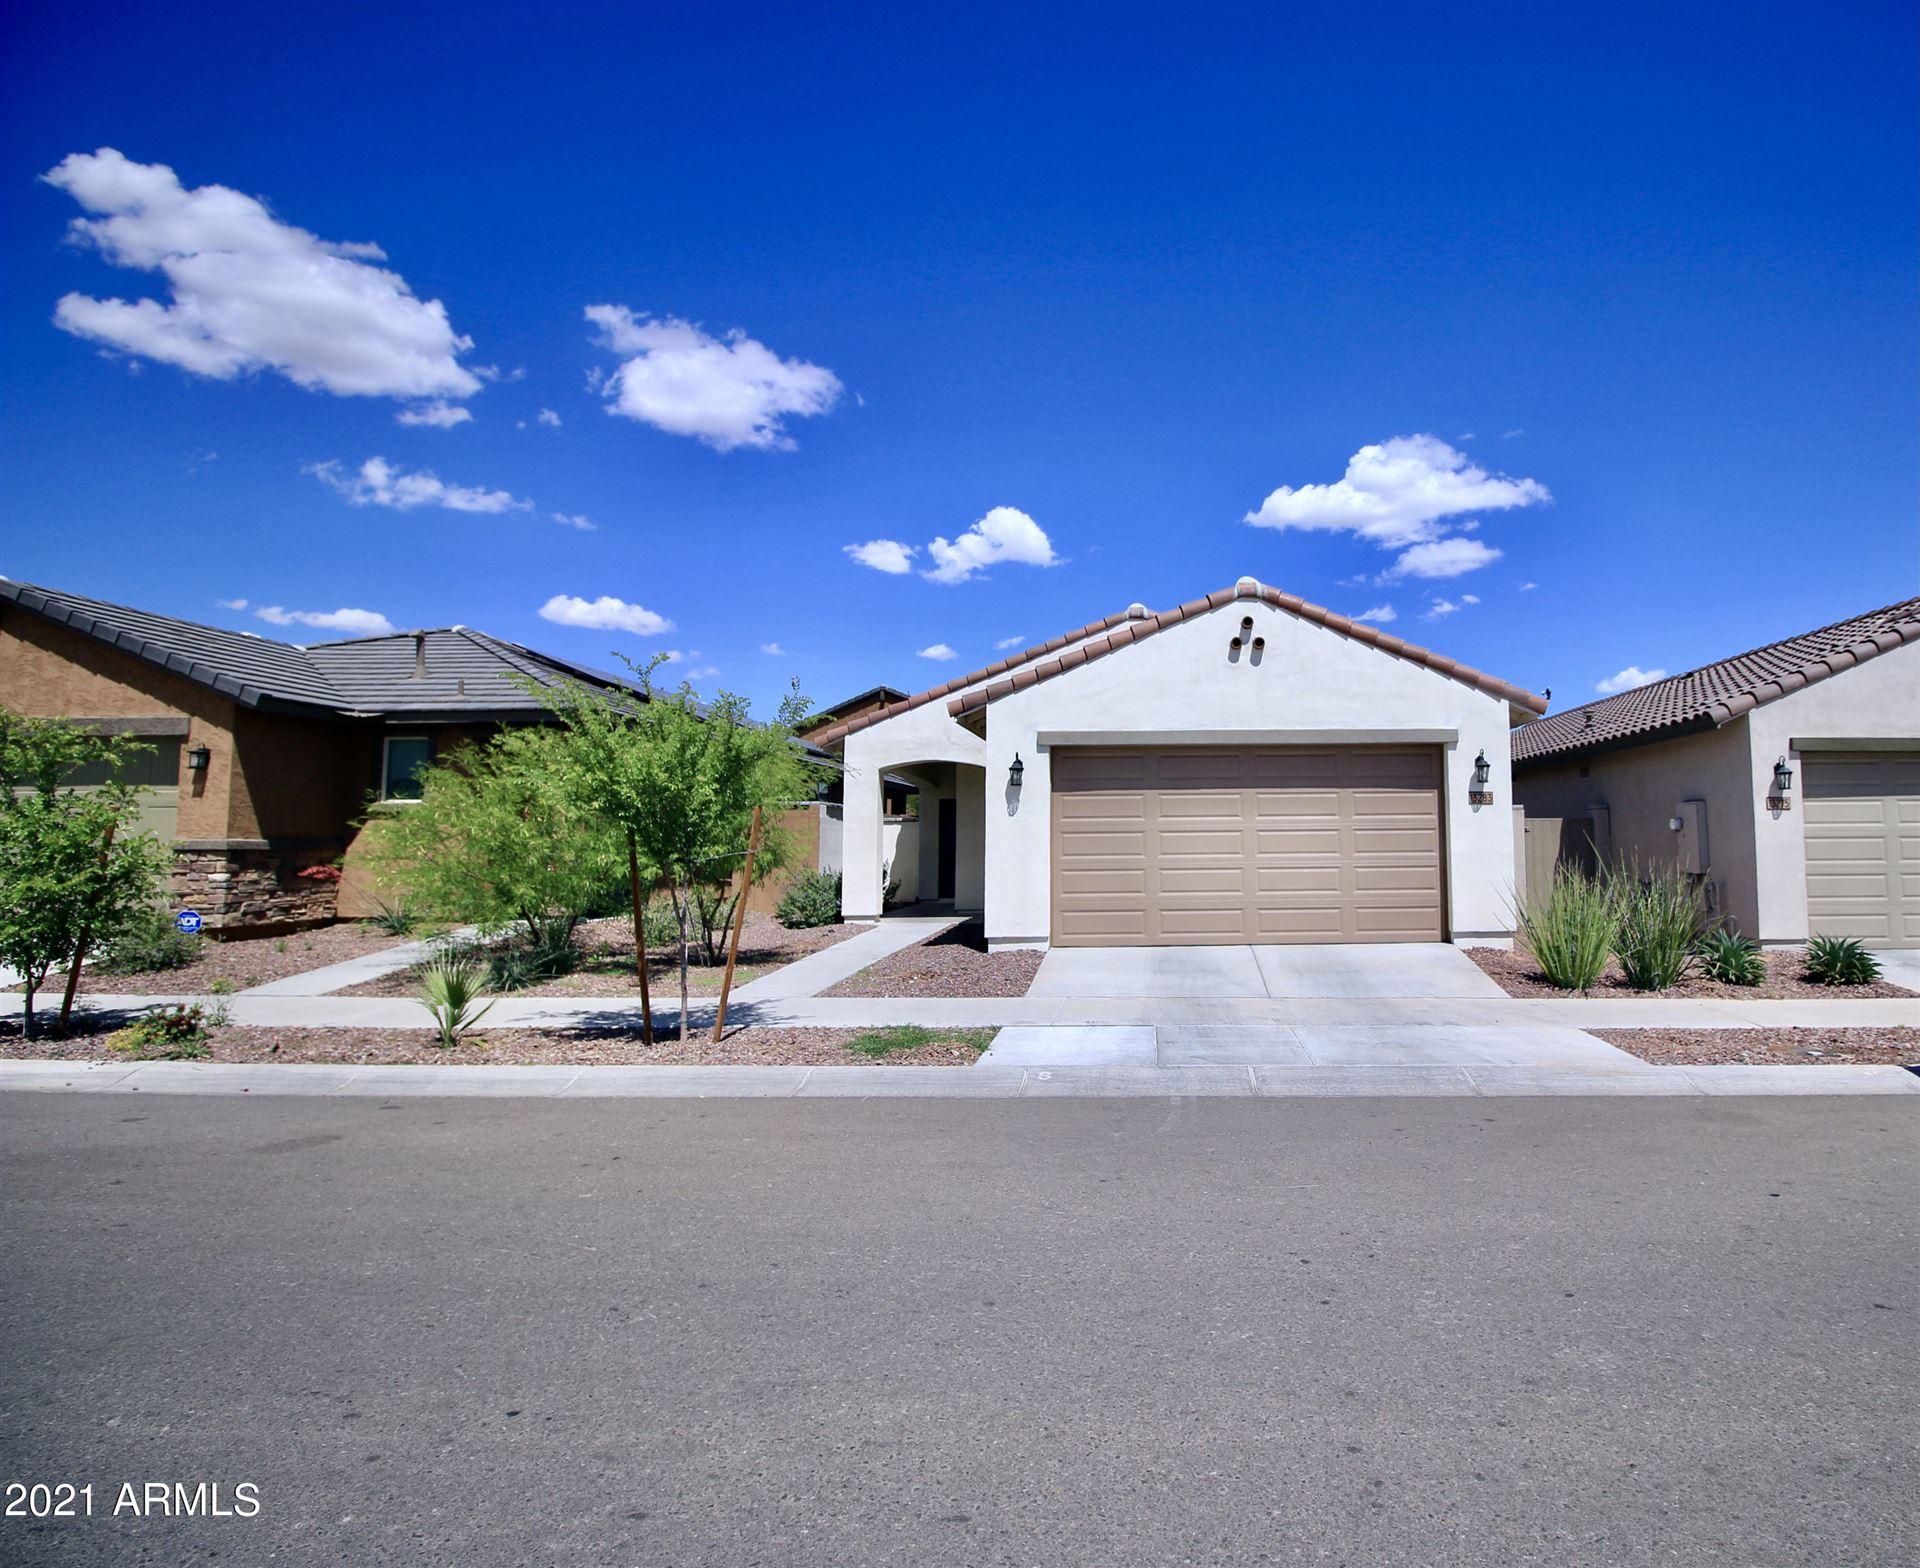 13283 N 144TH Lane, Surprise, AZ 85379 - MLS#: 6228971